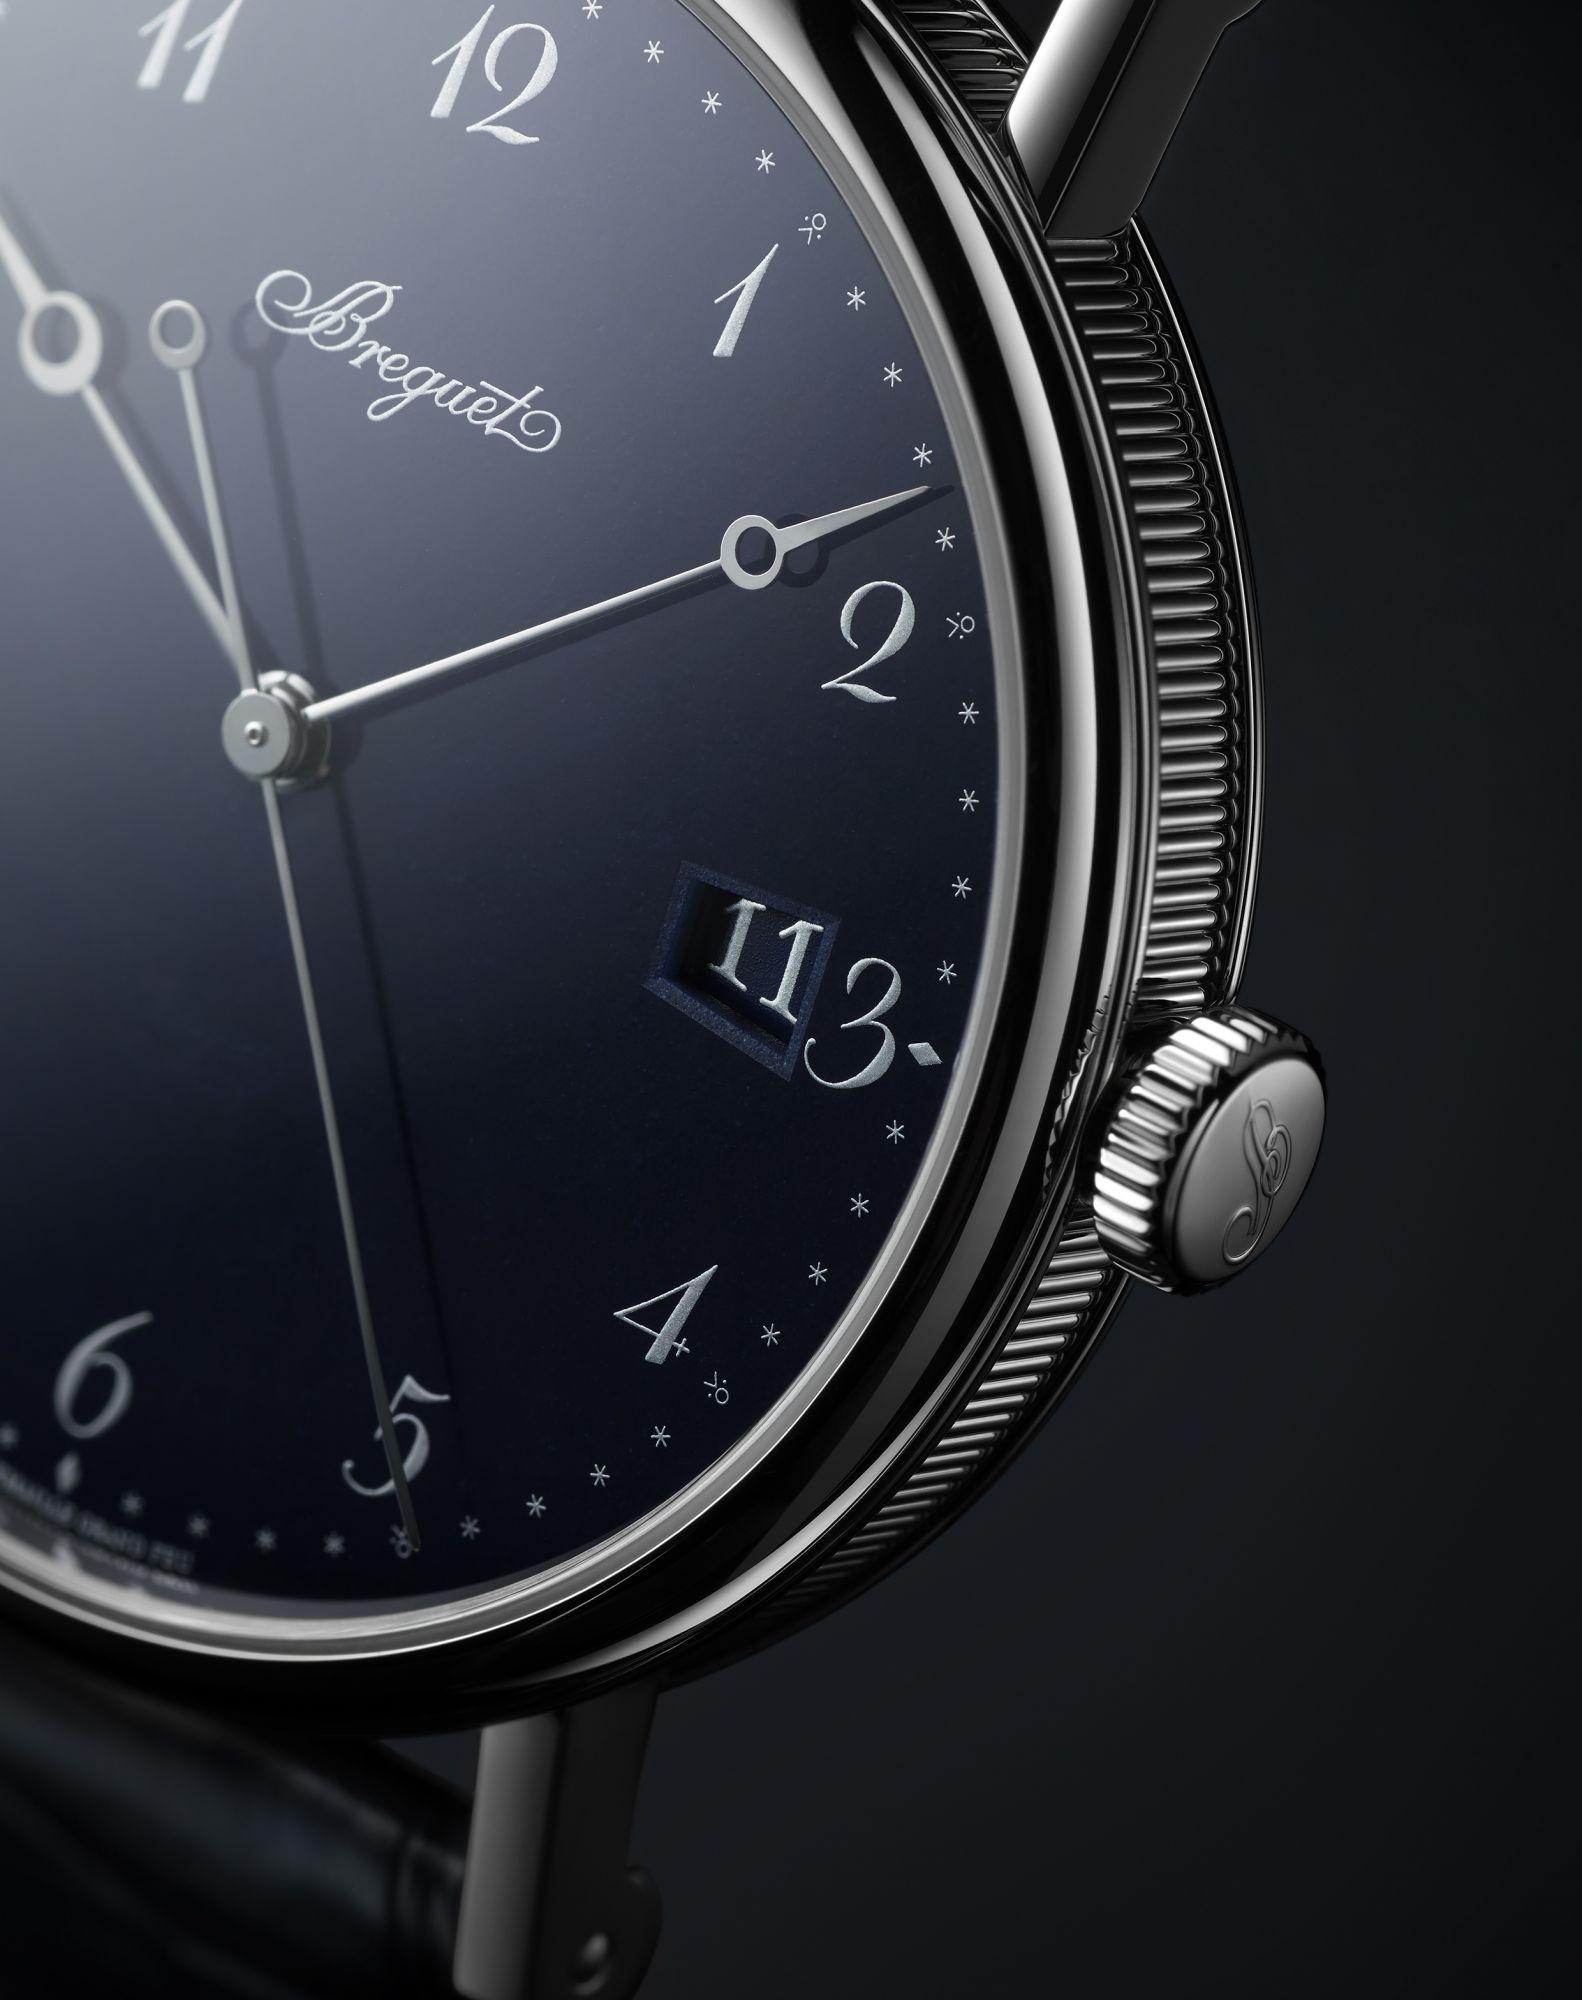 寶璣 Classique 5177 經典系列大明火藍色琺瑯腕錶展現新古典藝術格調